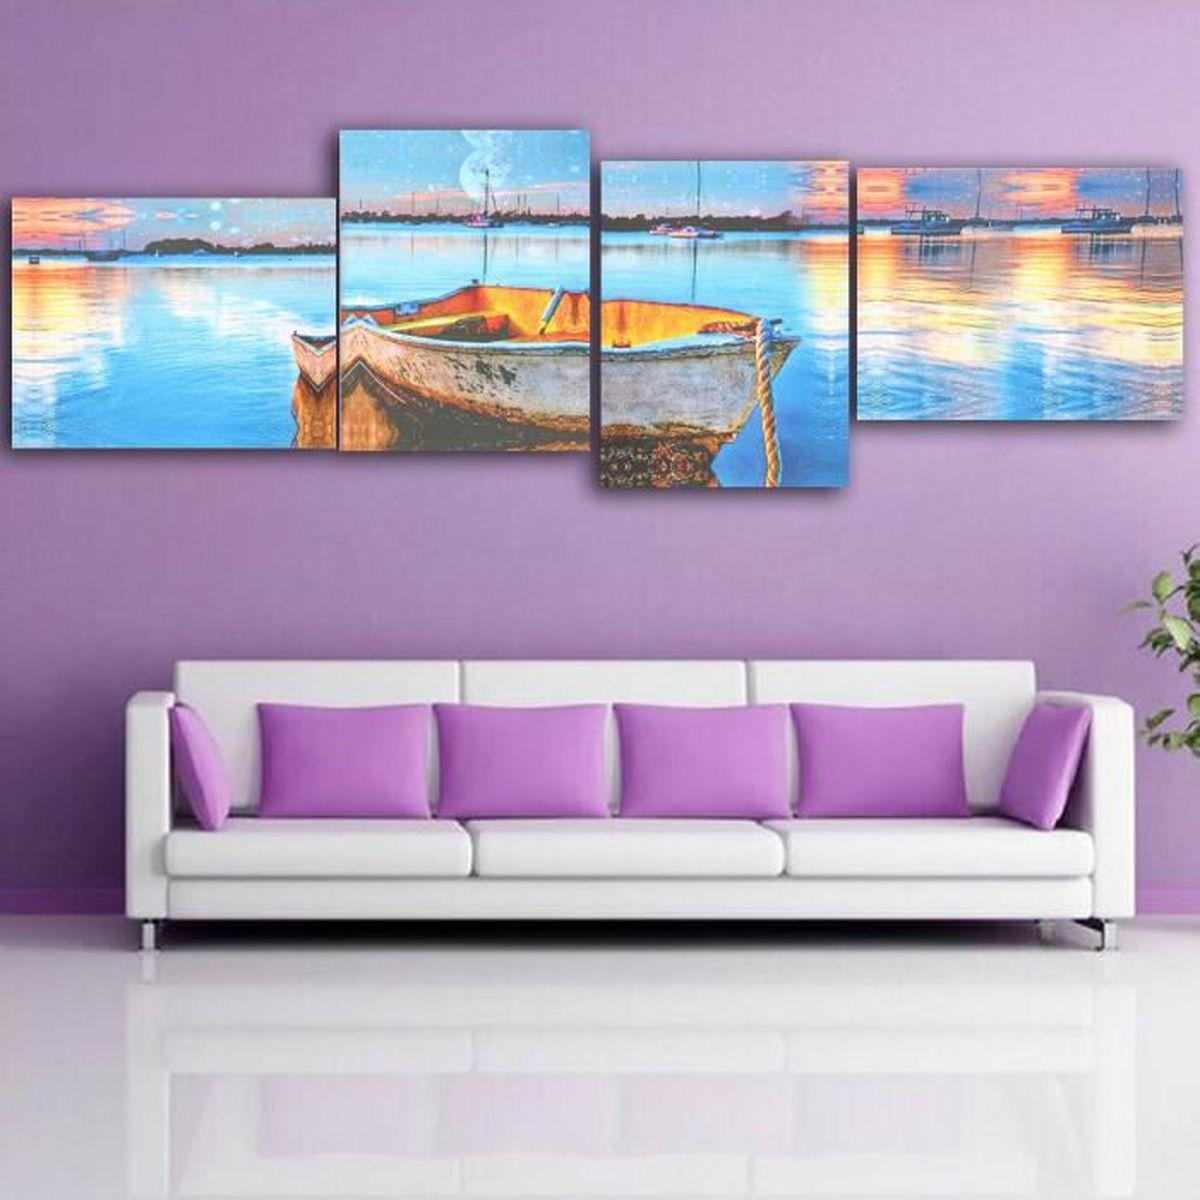 4x kit peinture l 39 huile tableau abstraite mer et bateau pop art moderne toile achat vente. Black Bedroom Furniture Sets. Home Design Ideas